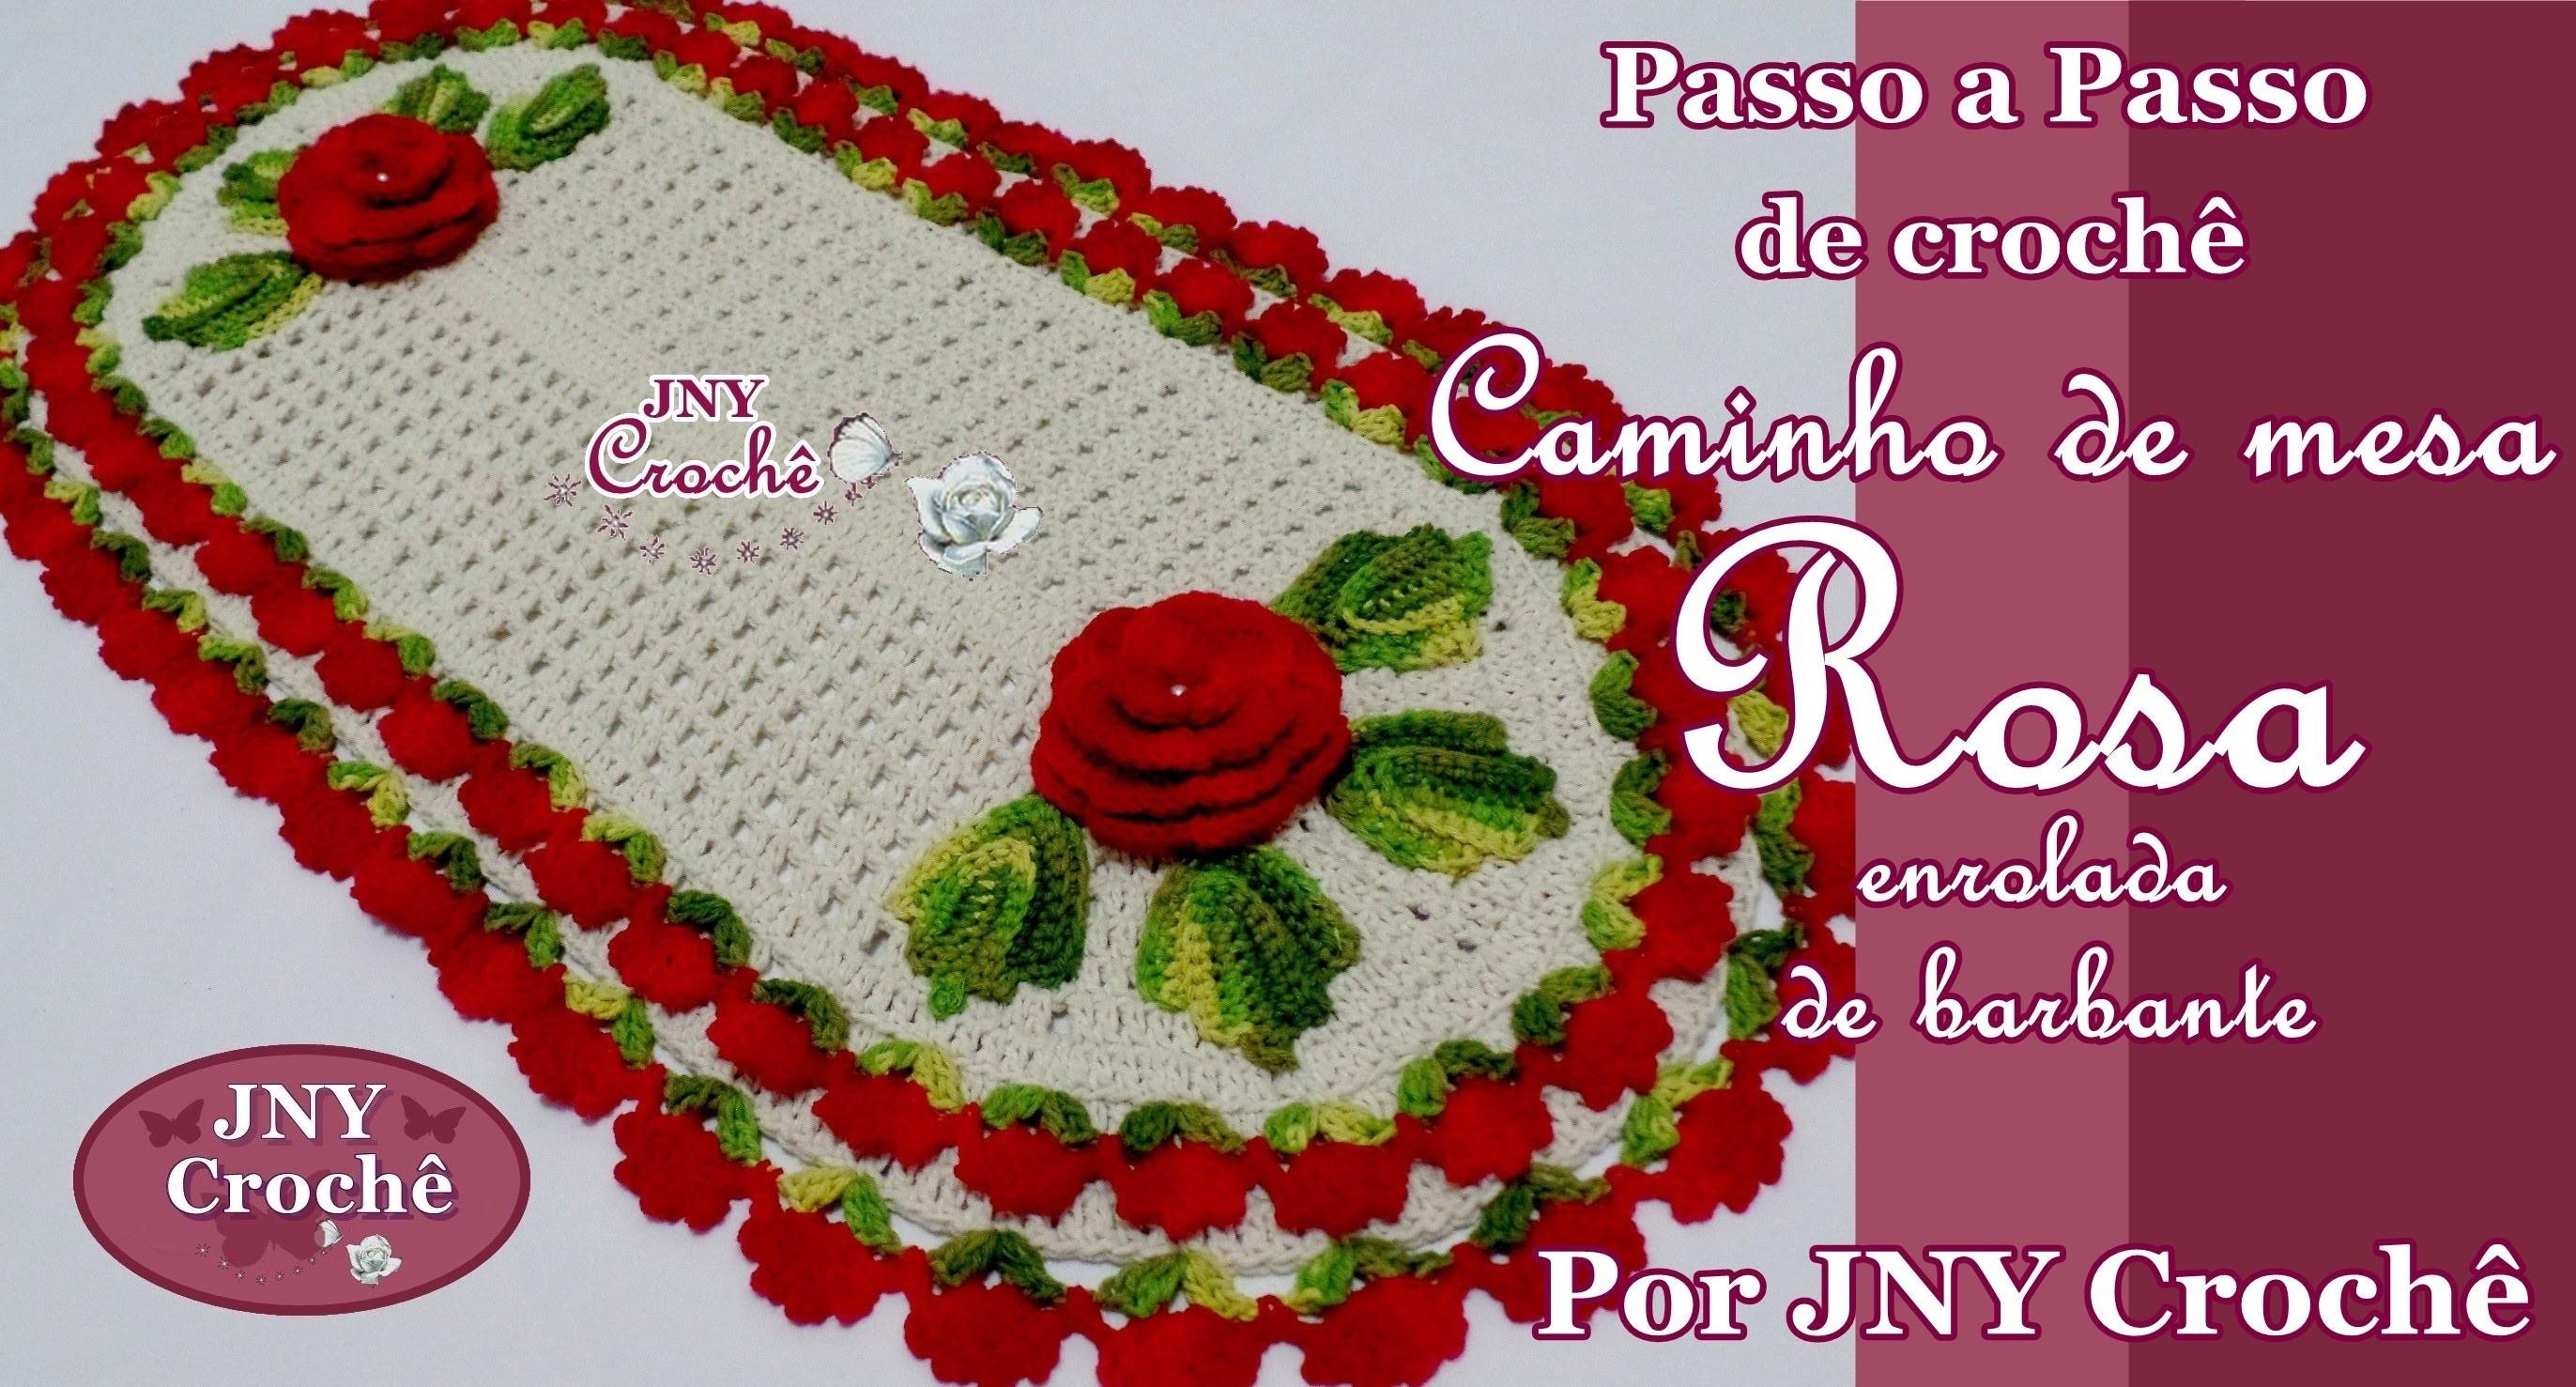 PAP Caminho de mesa de crochê Flor Rosa de barbante por JNY Crochê